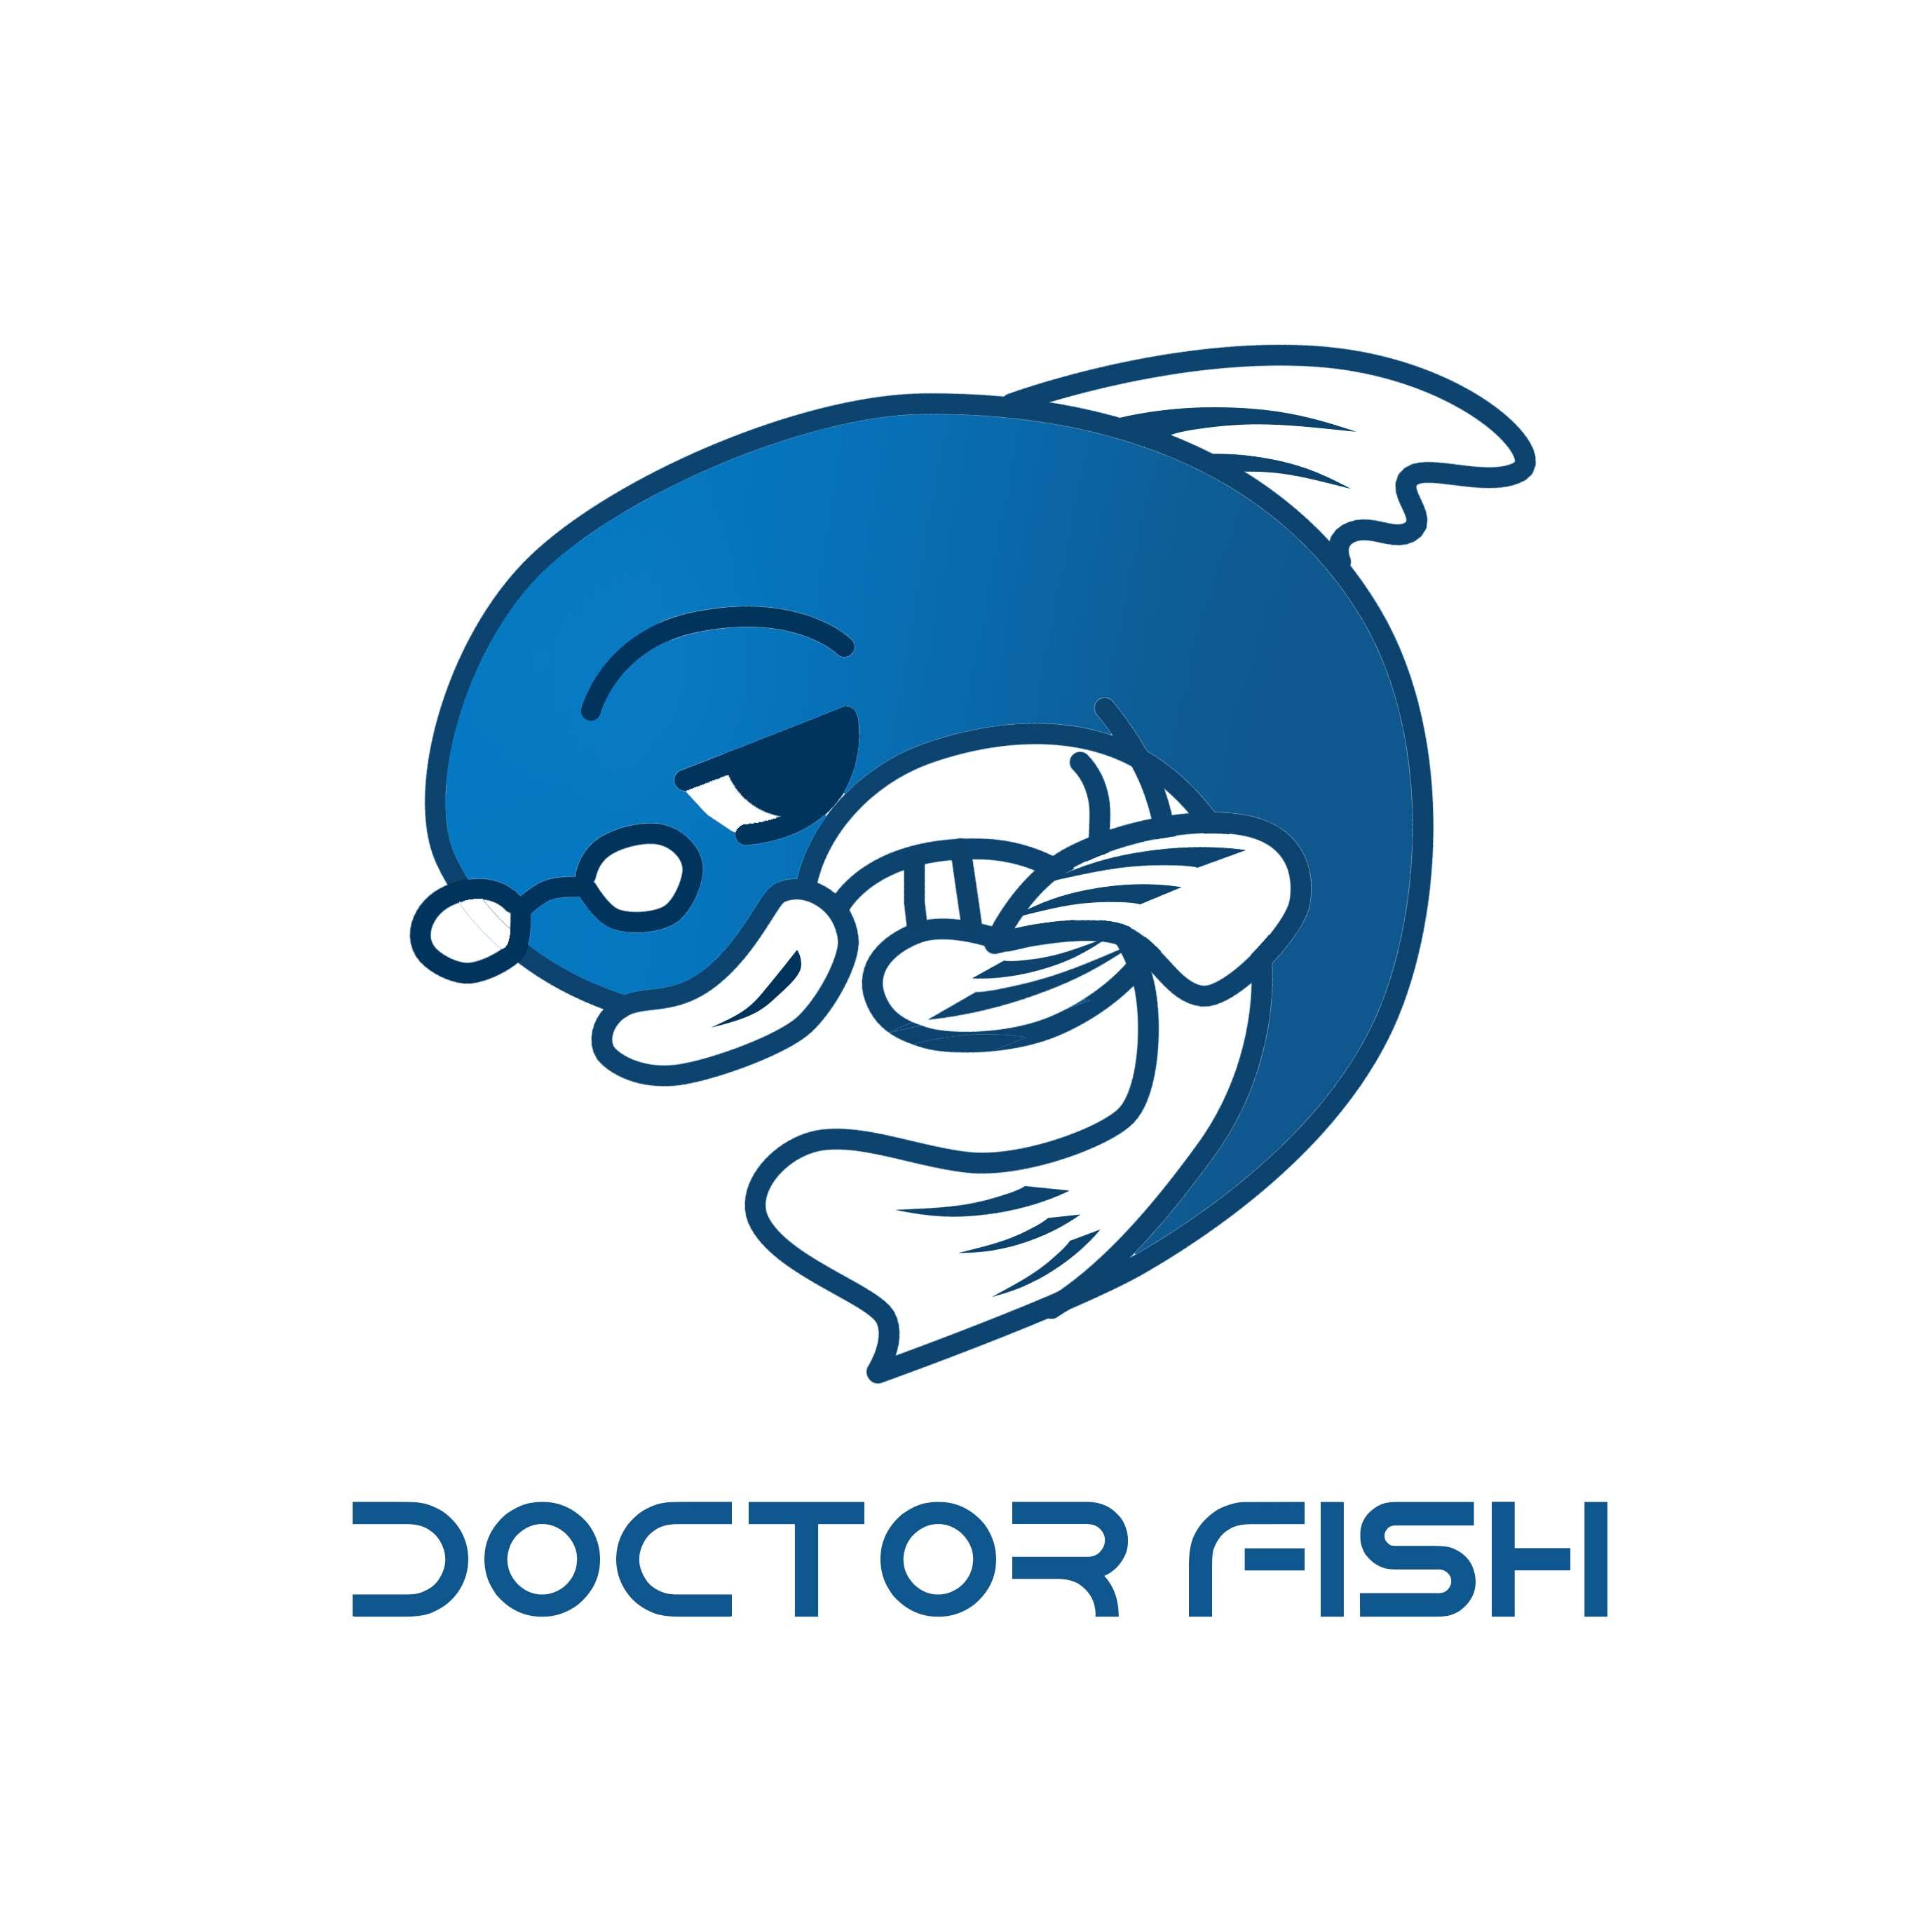 卡通鱼的吉祥物设计 /